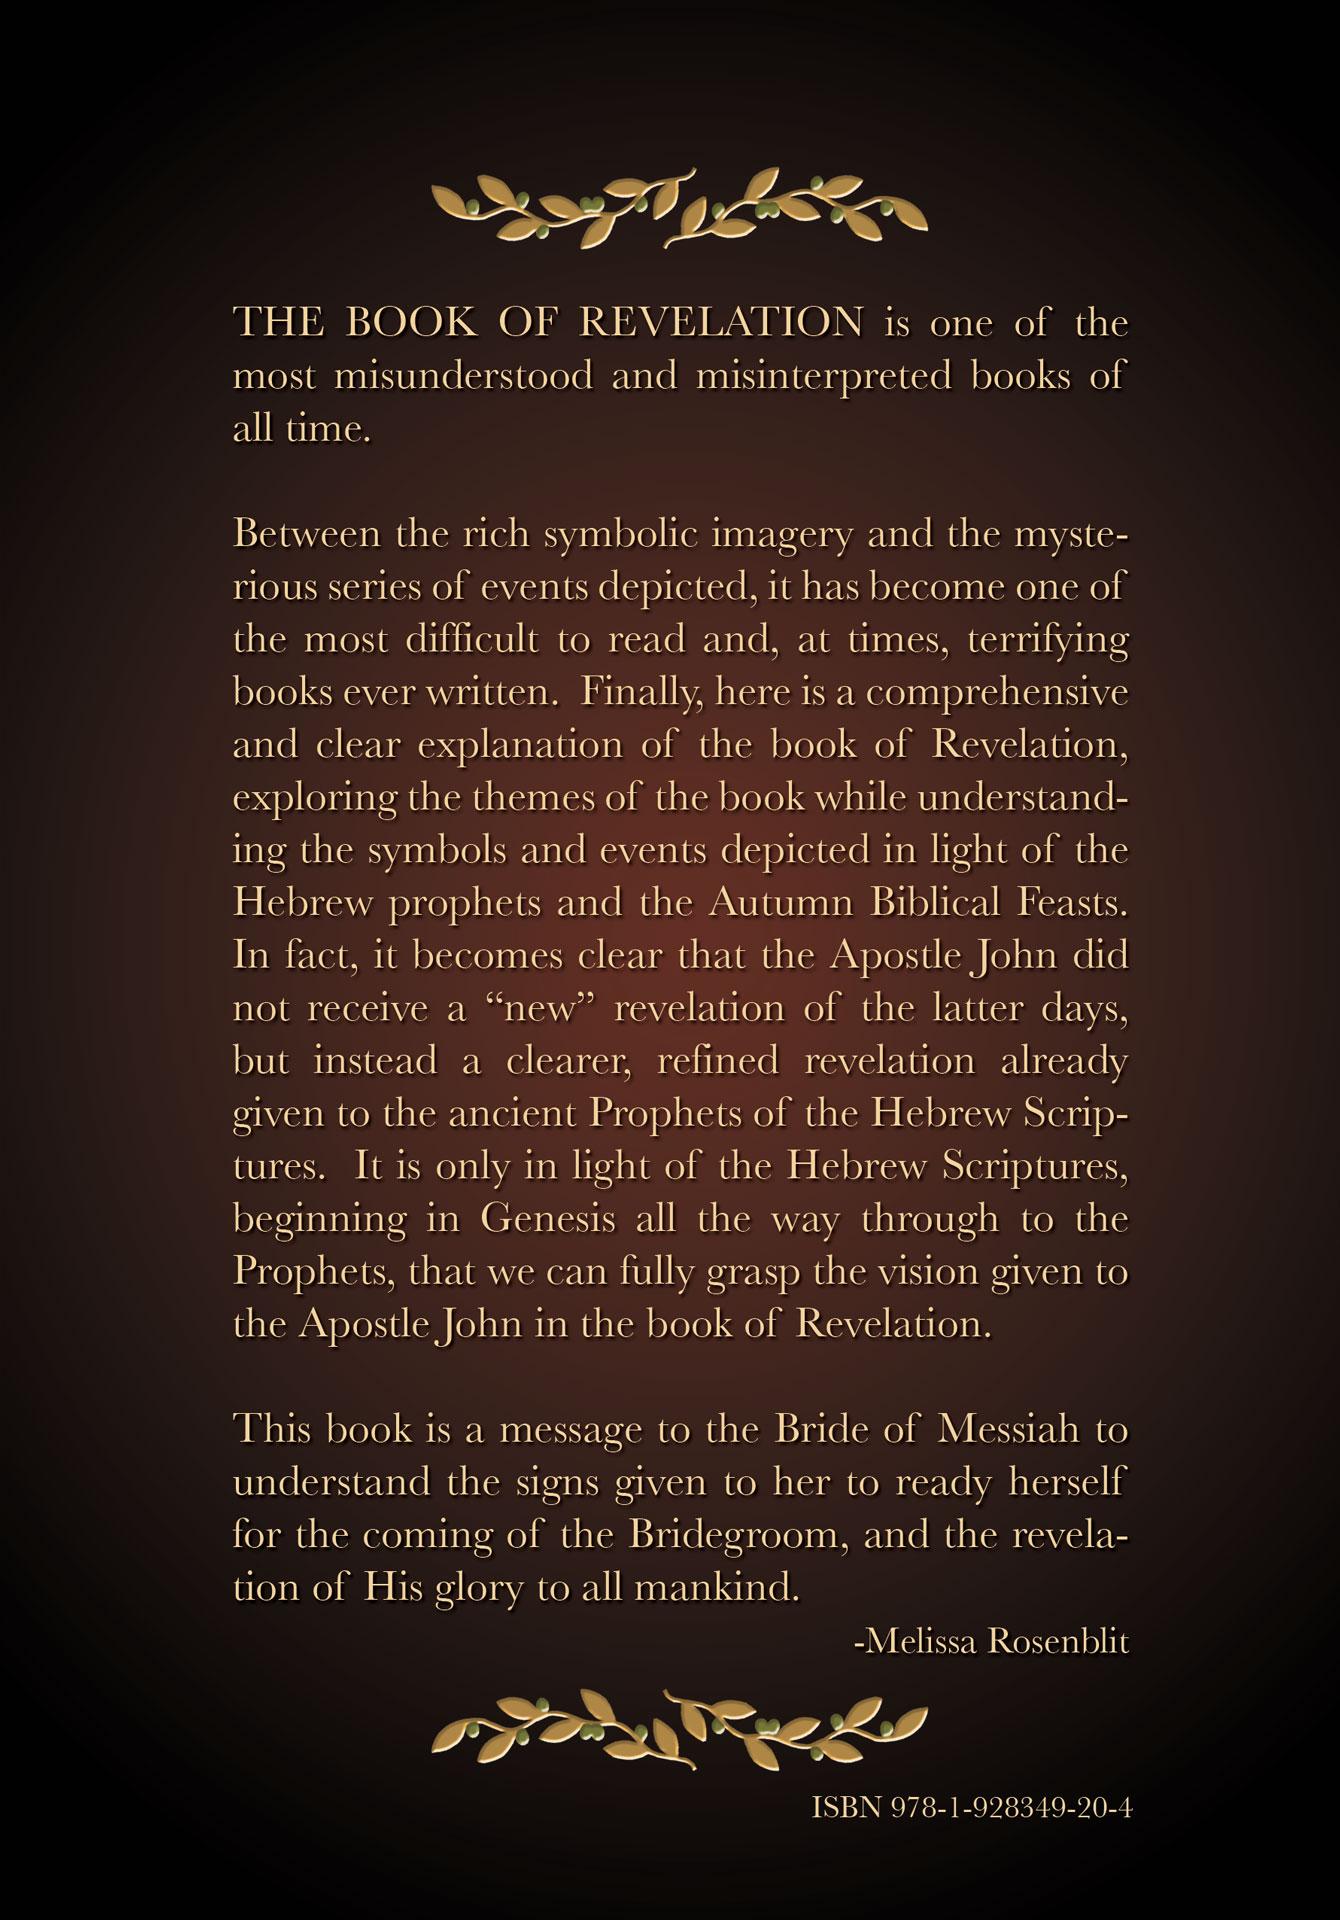 Ebook autumn feasts in revelation unveiling the glory of god ebook autumn feasts in revelation unveiling the glory of god fandeluxe PDF